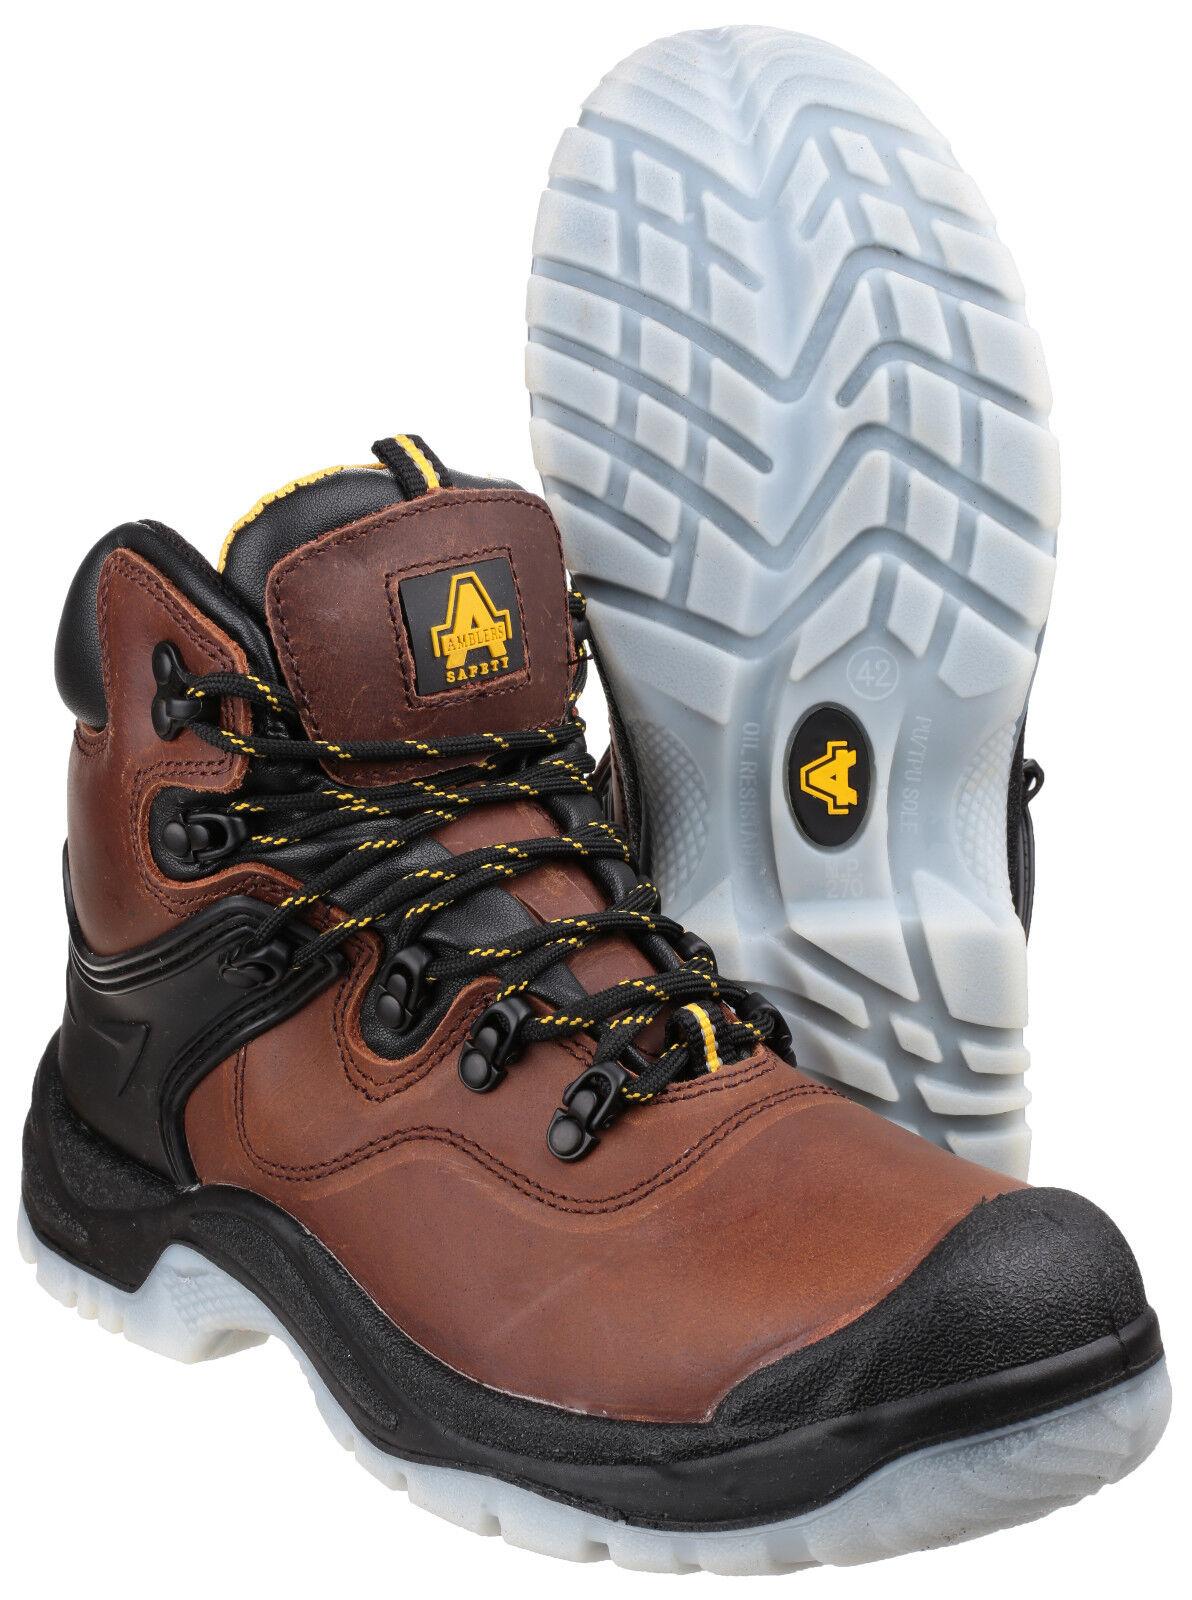 Amblers FS197 Chaussures de Sécurité Sécurité Sécurité Imperméable Marron  pour Hommes d7492a c1187e2e9715